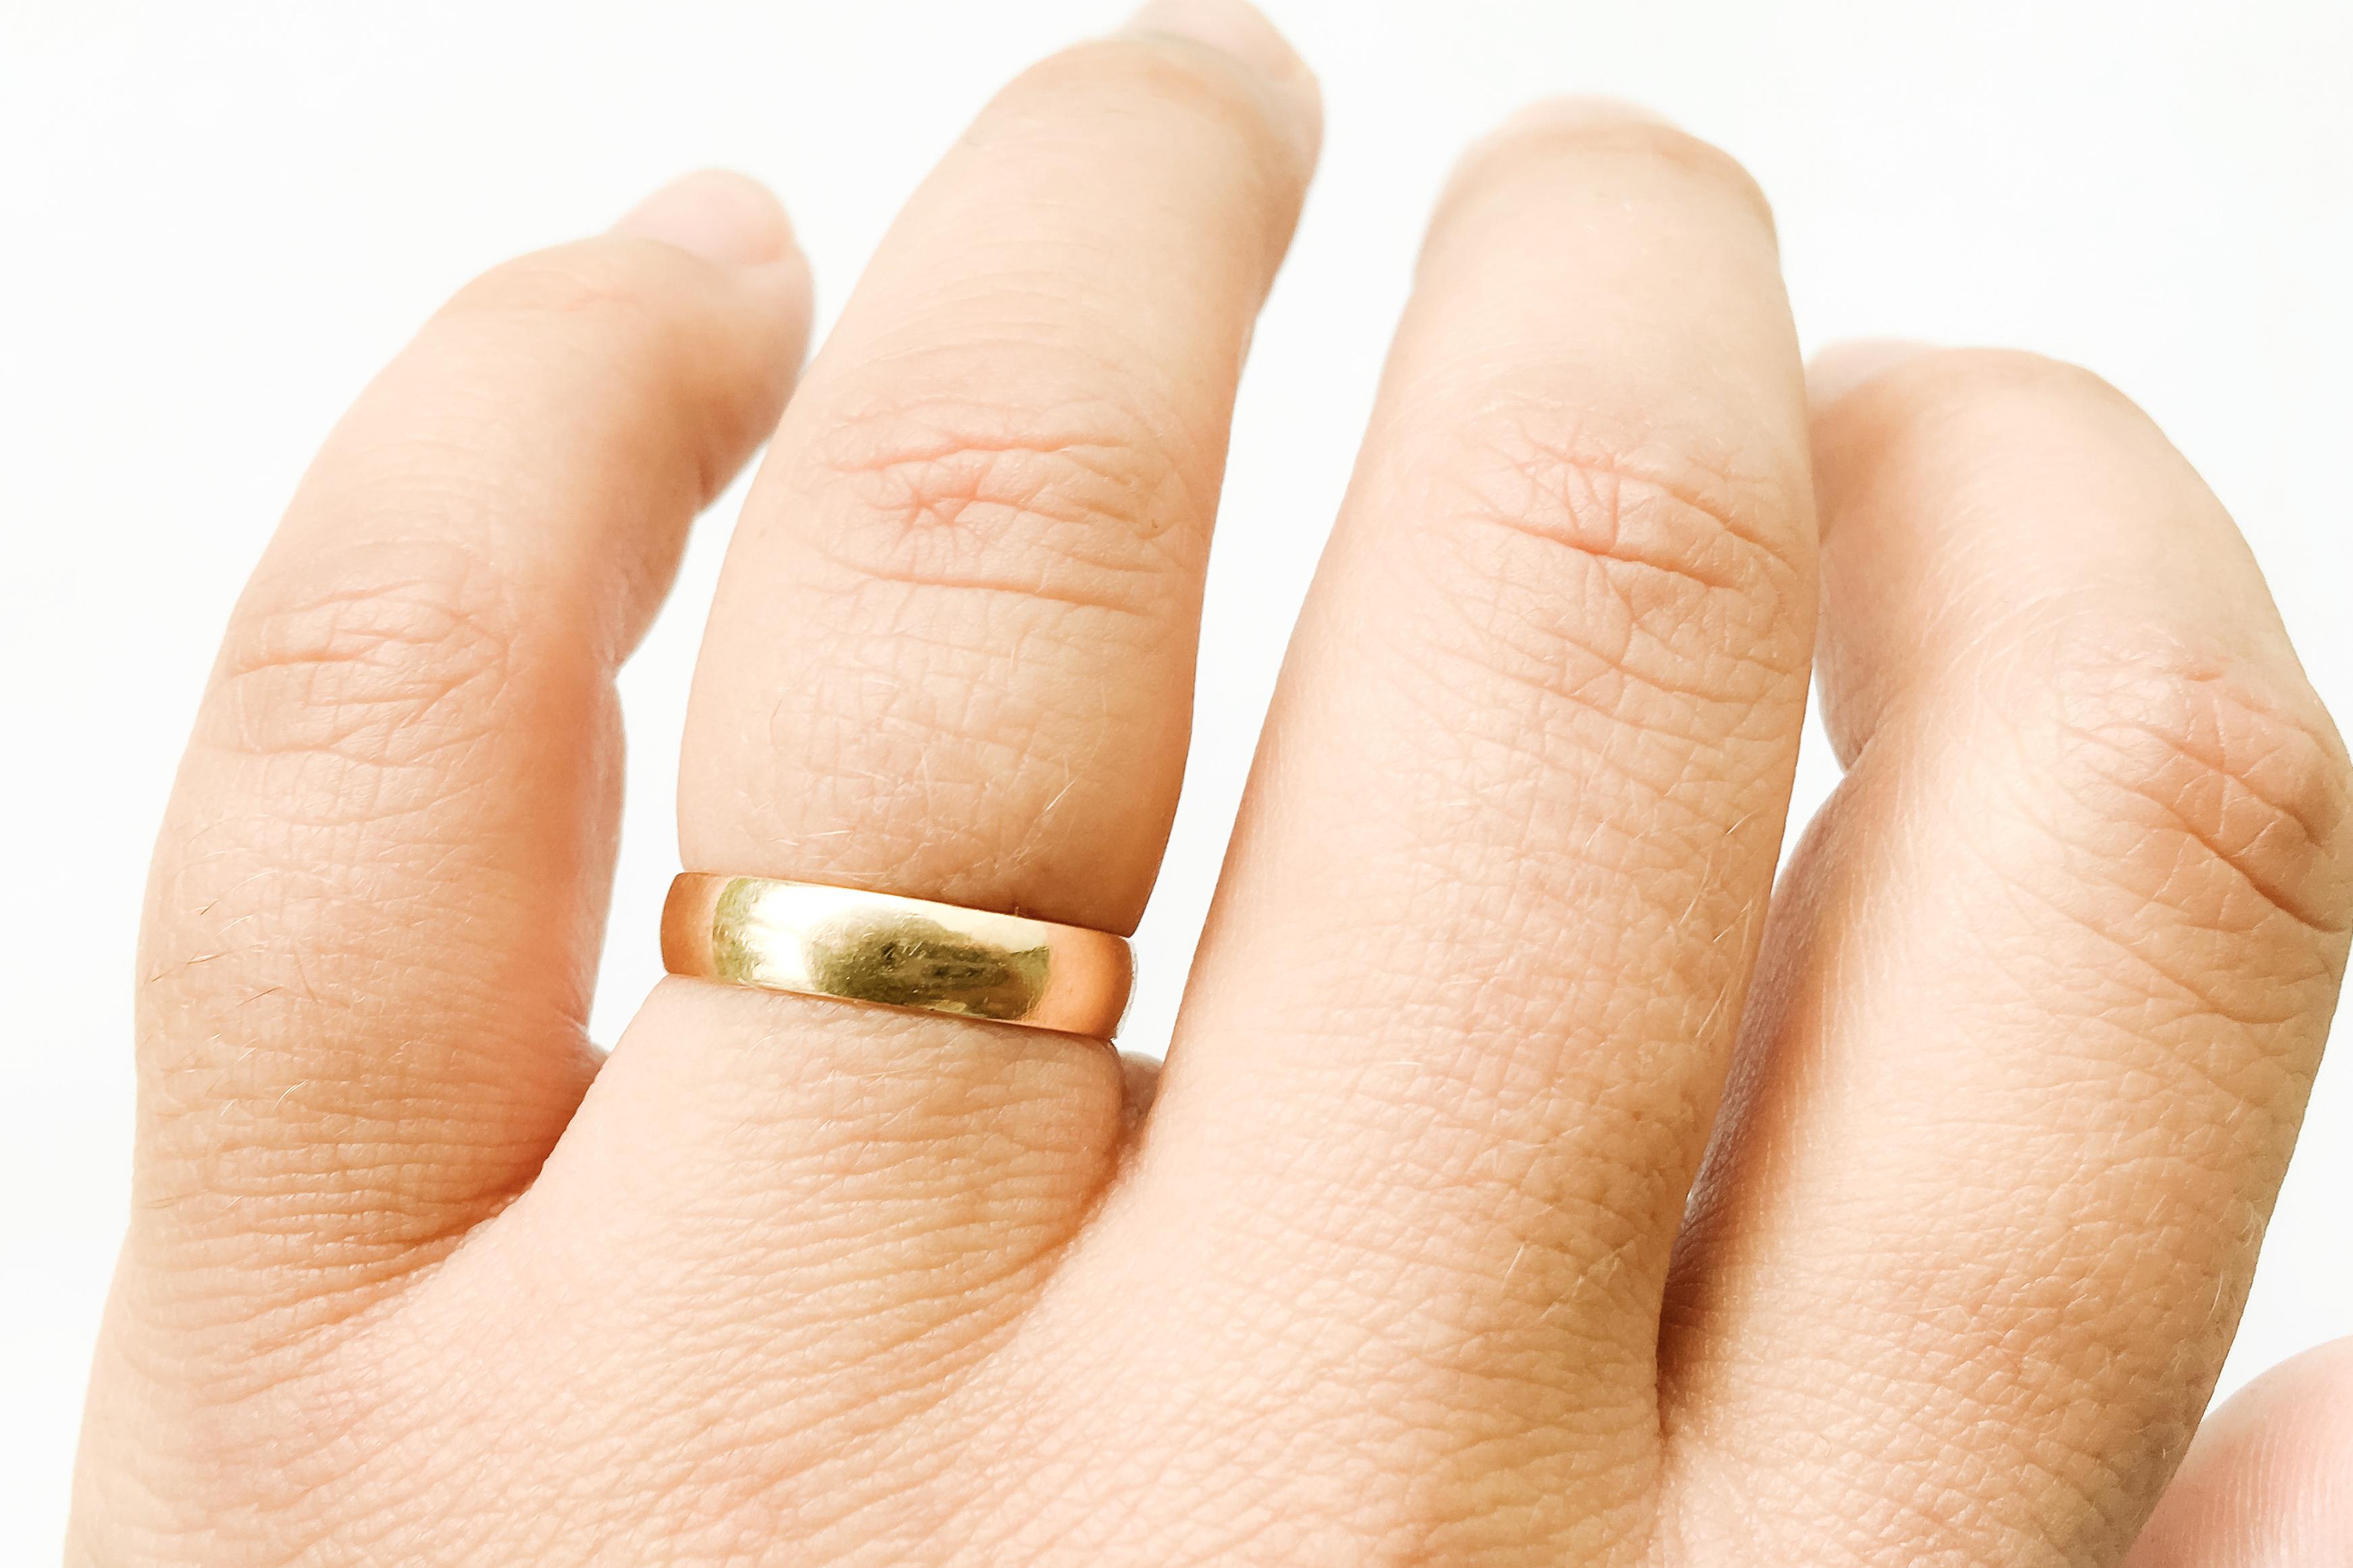 fájdalom az ujjak ízületeiben a hidegtől)